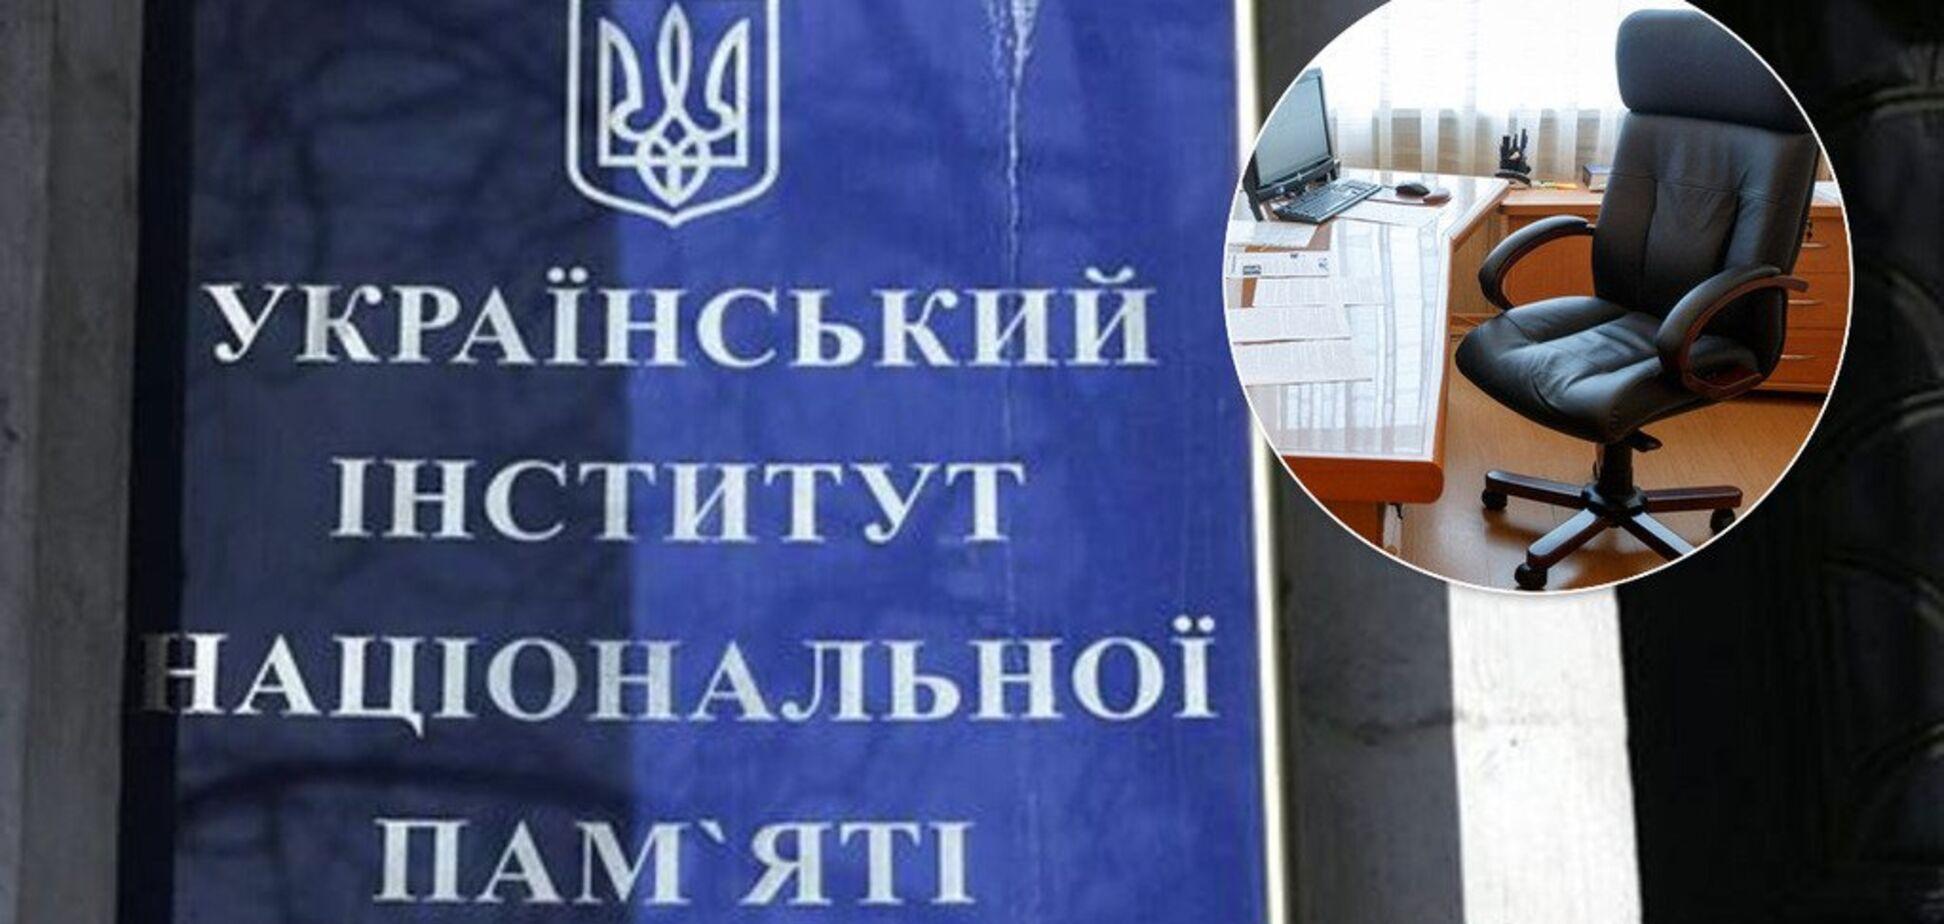 Вместо Вятровича: названы кандидаты на пост главы Института нацпамяти